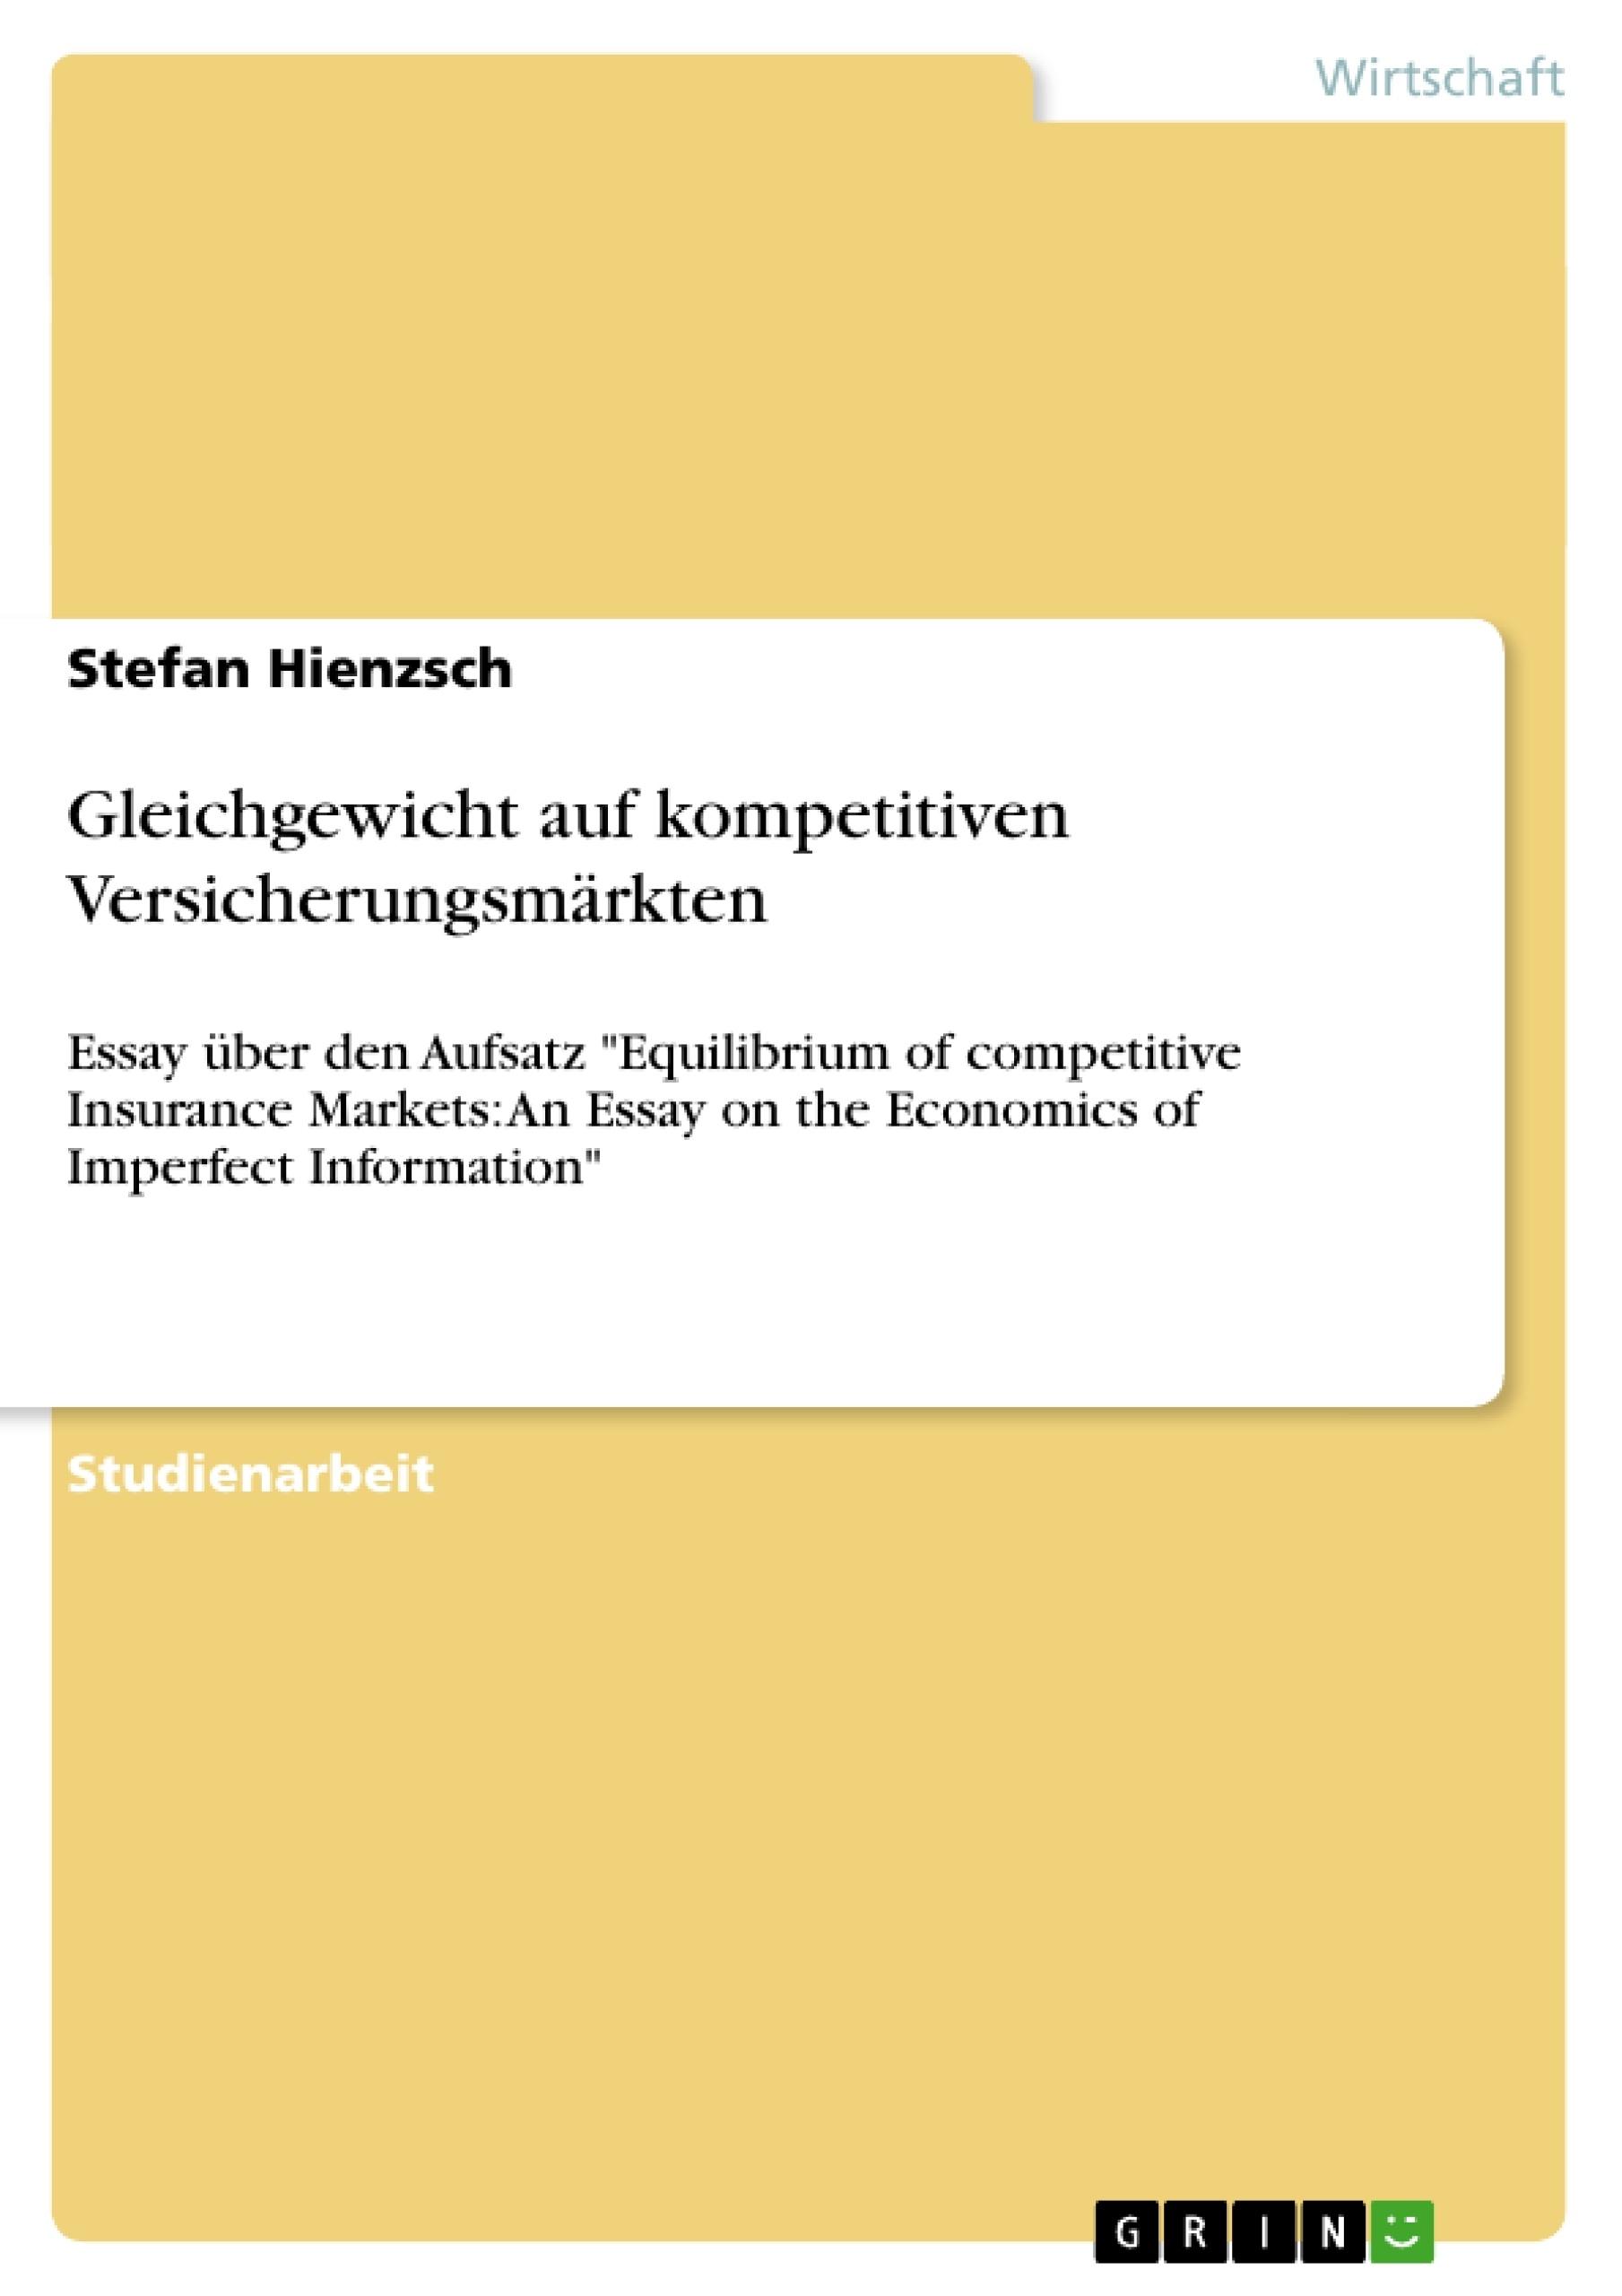 Titel: Gleichgewicht auf kompetitiven Versicherungsmärkten